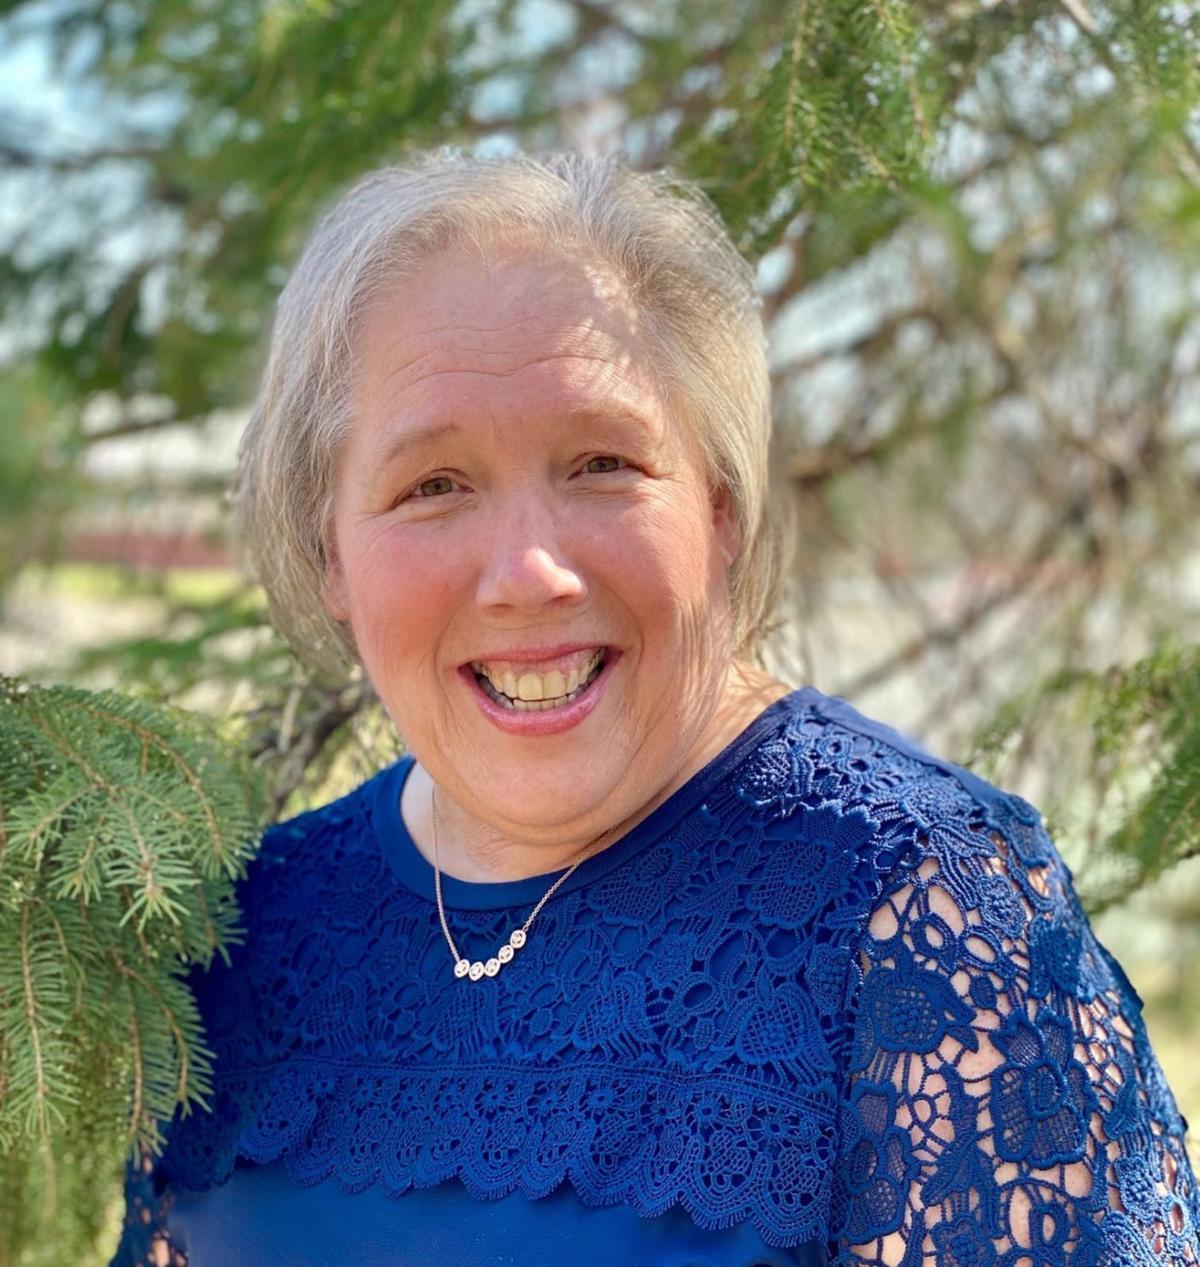 Cathy Houchin